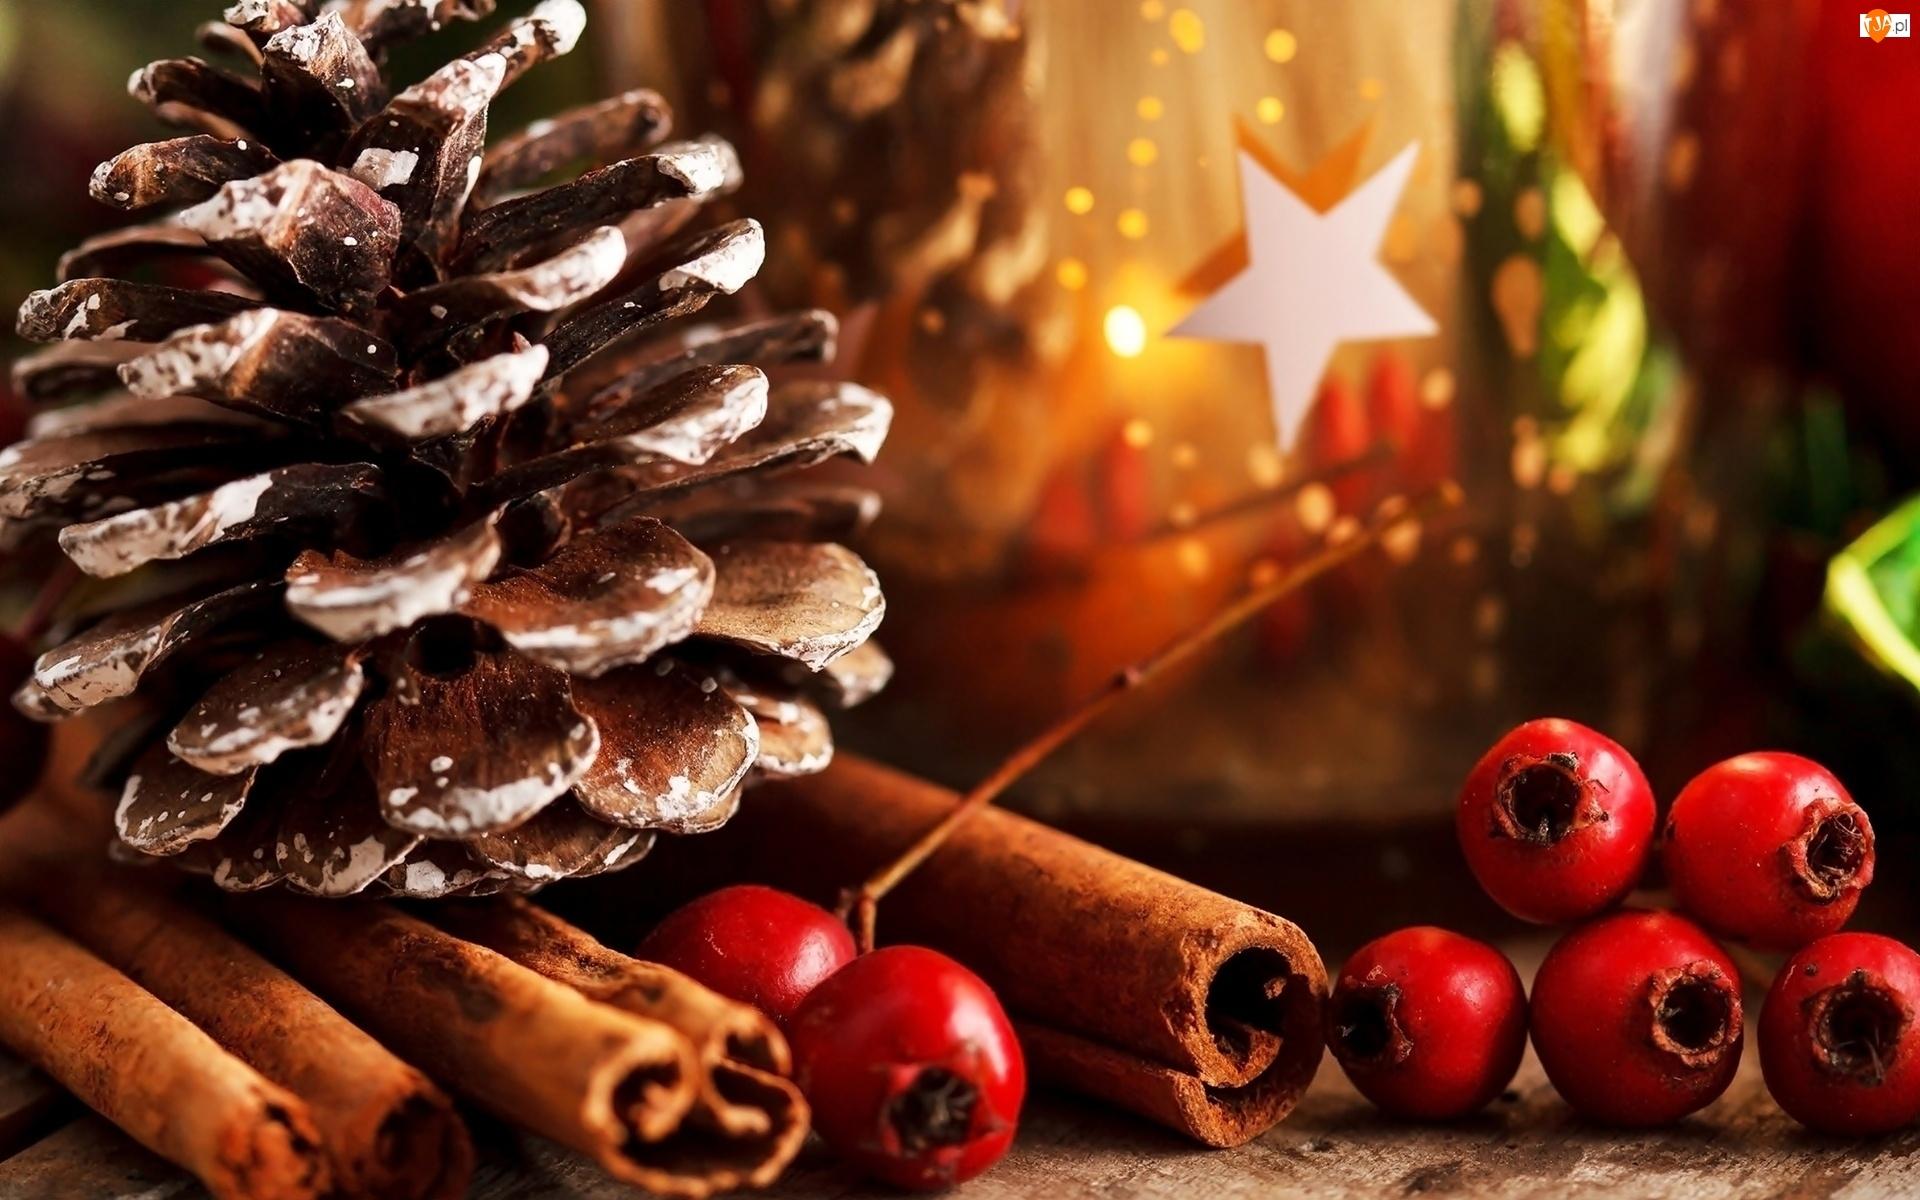 Szyszka, Świąteczne, Laski, Cynamon